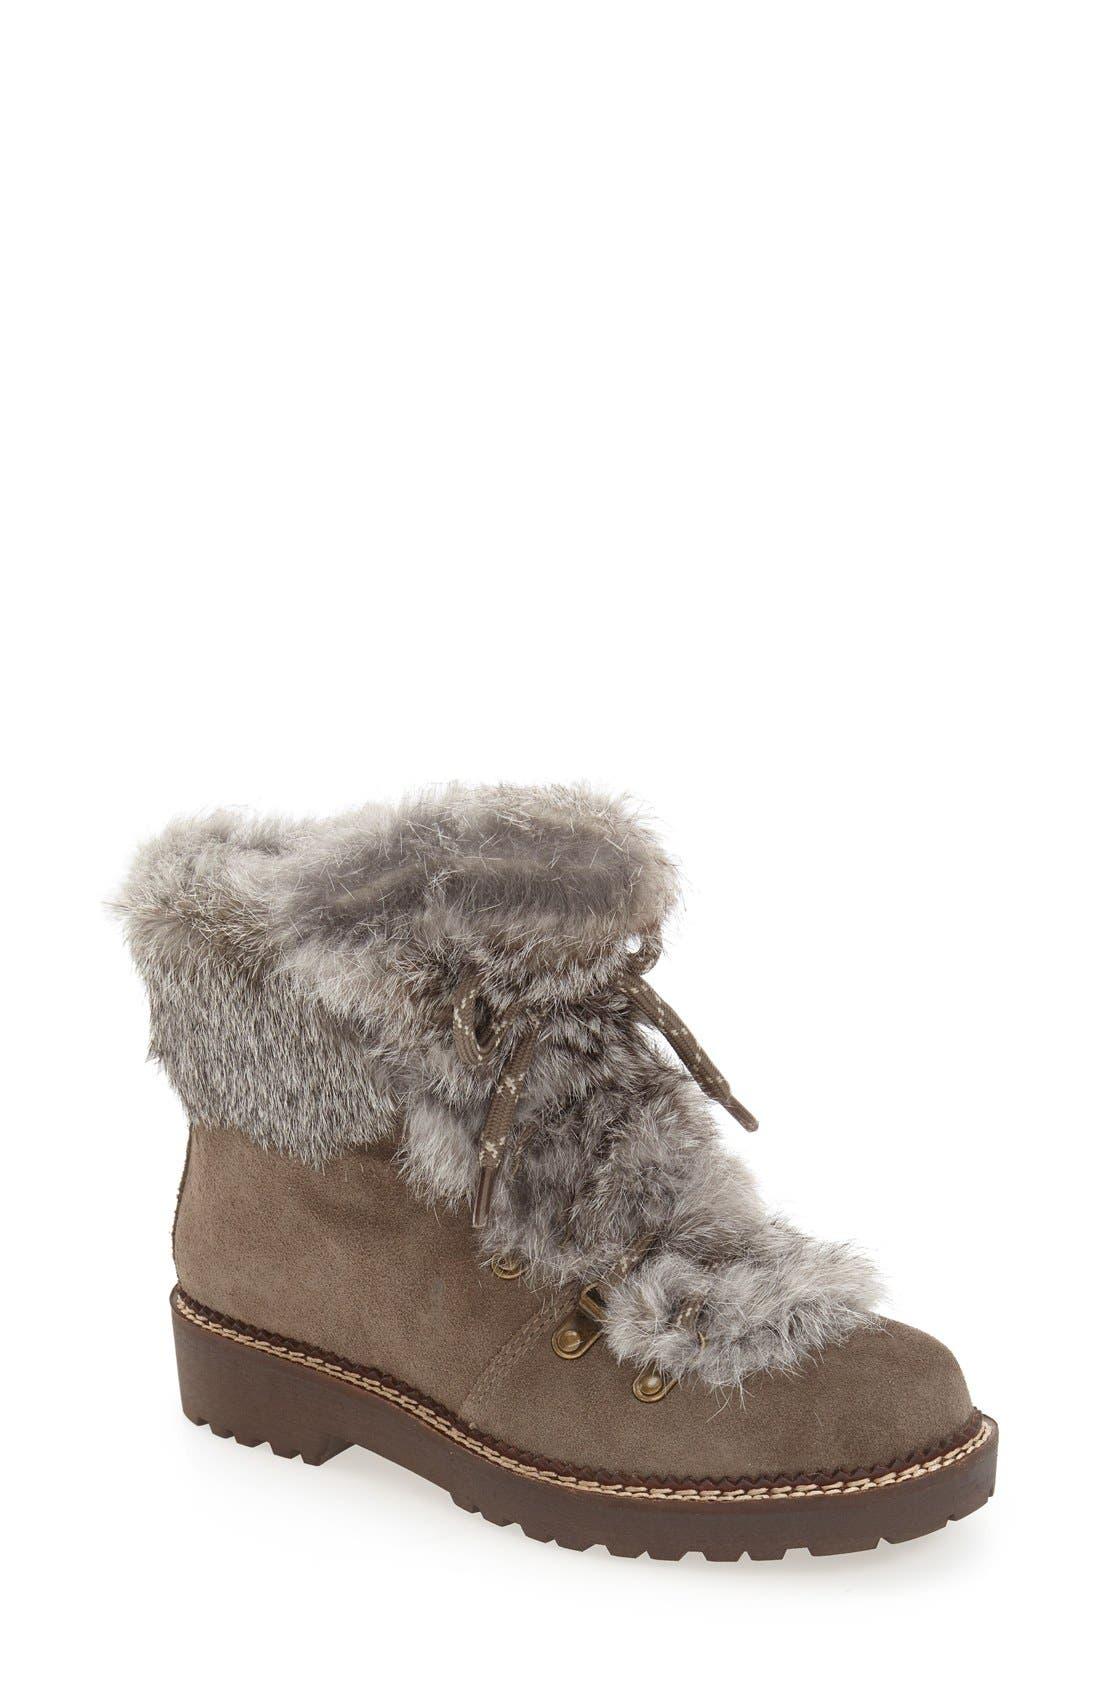 Arturo Chiang 'Philippa' Genuine Rabbit Fur Hiking Boot (Women)